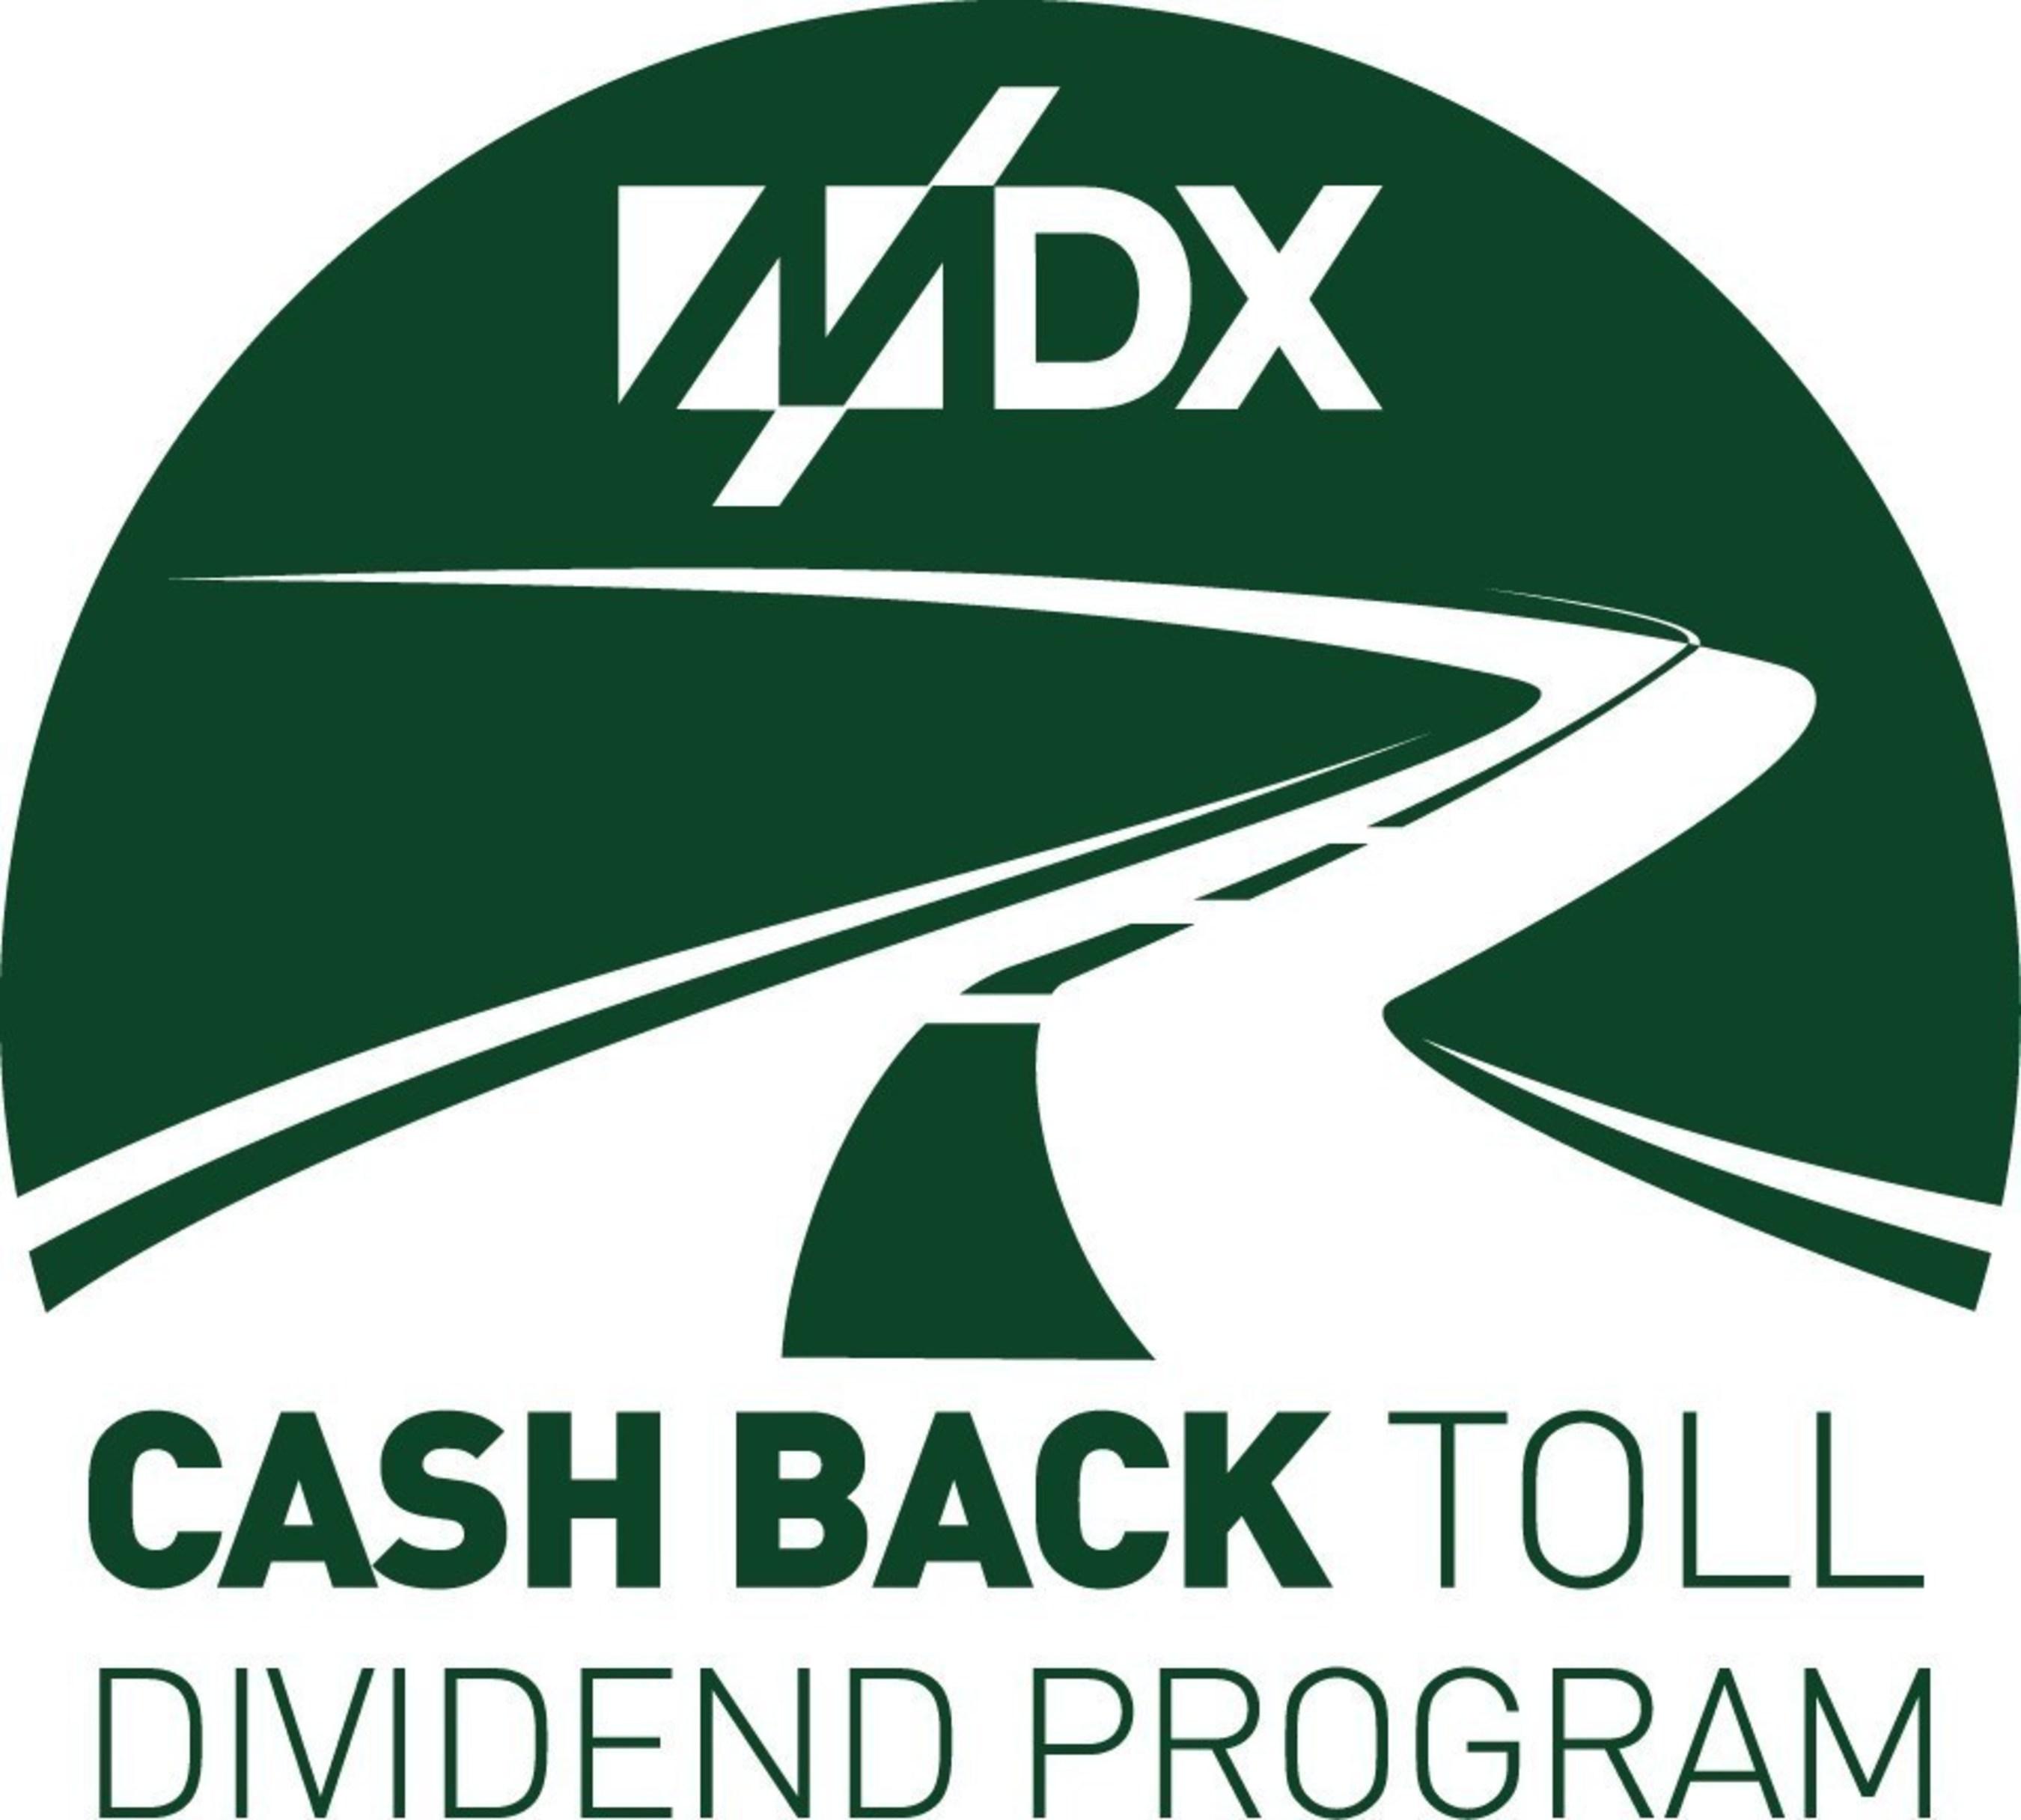 Open Enrollment For Mdx Cash Back Toll Dividend Program Set To Begin